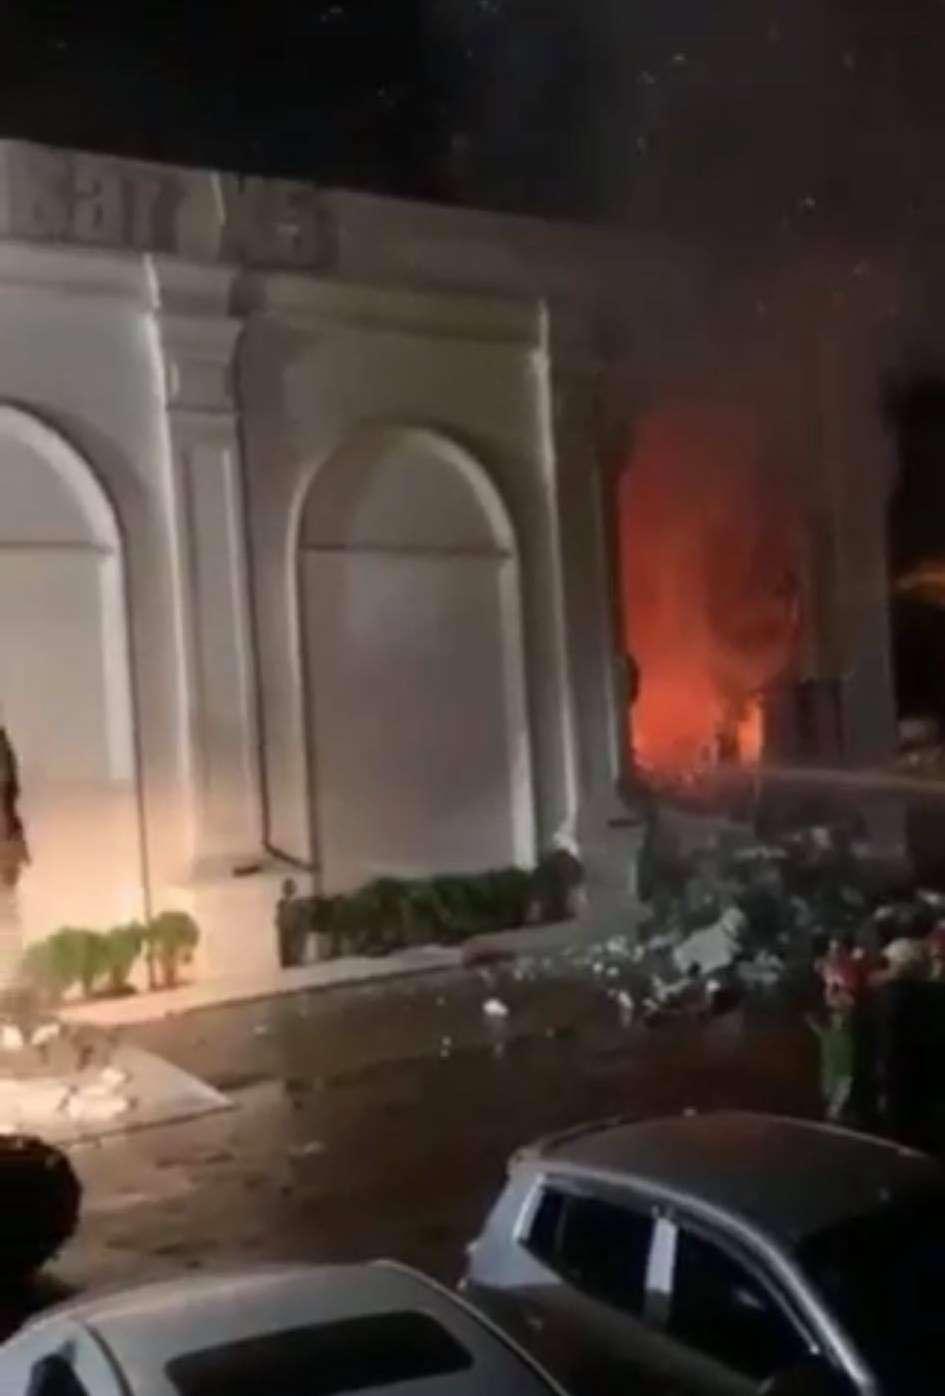 Hiện trường vụ cháy kinh hoàng quán bar X5 ở Vĩnh Phúc, 3 cô gái trẻ tử vong - Ảnh 5